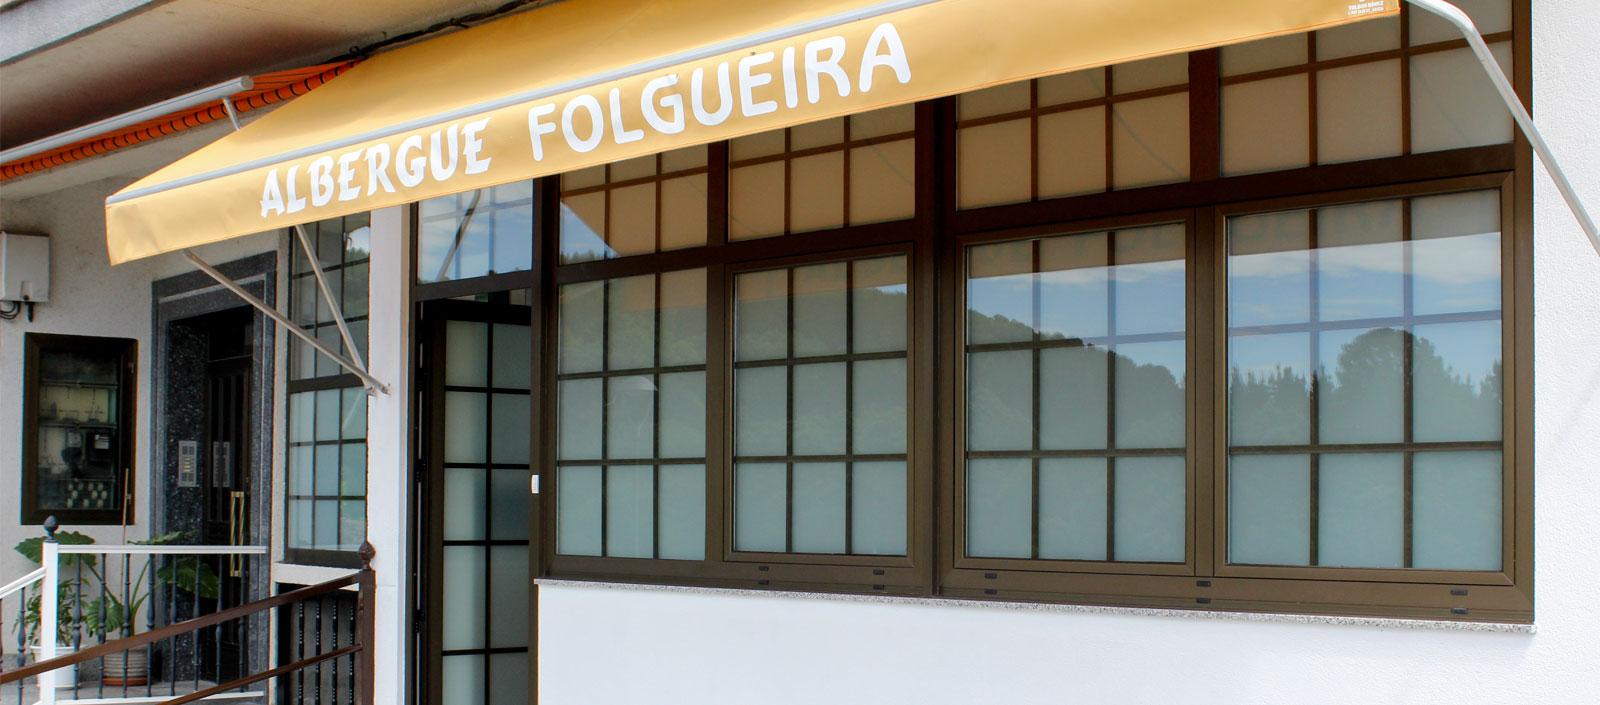 albergue_folgueira_s2